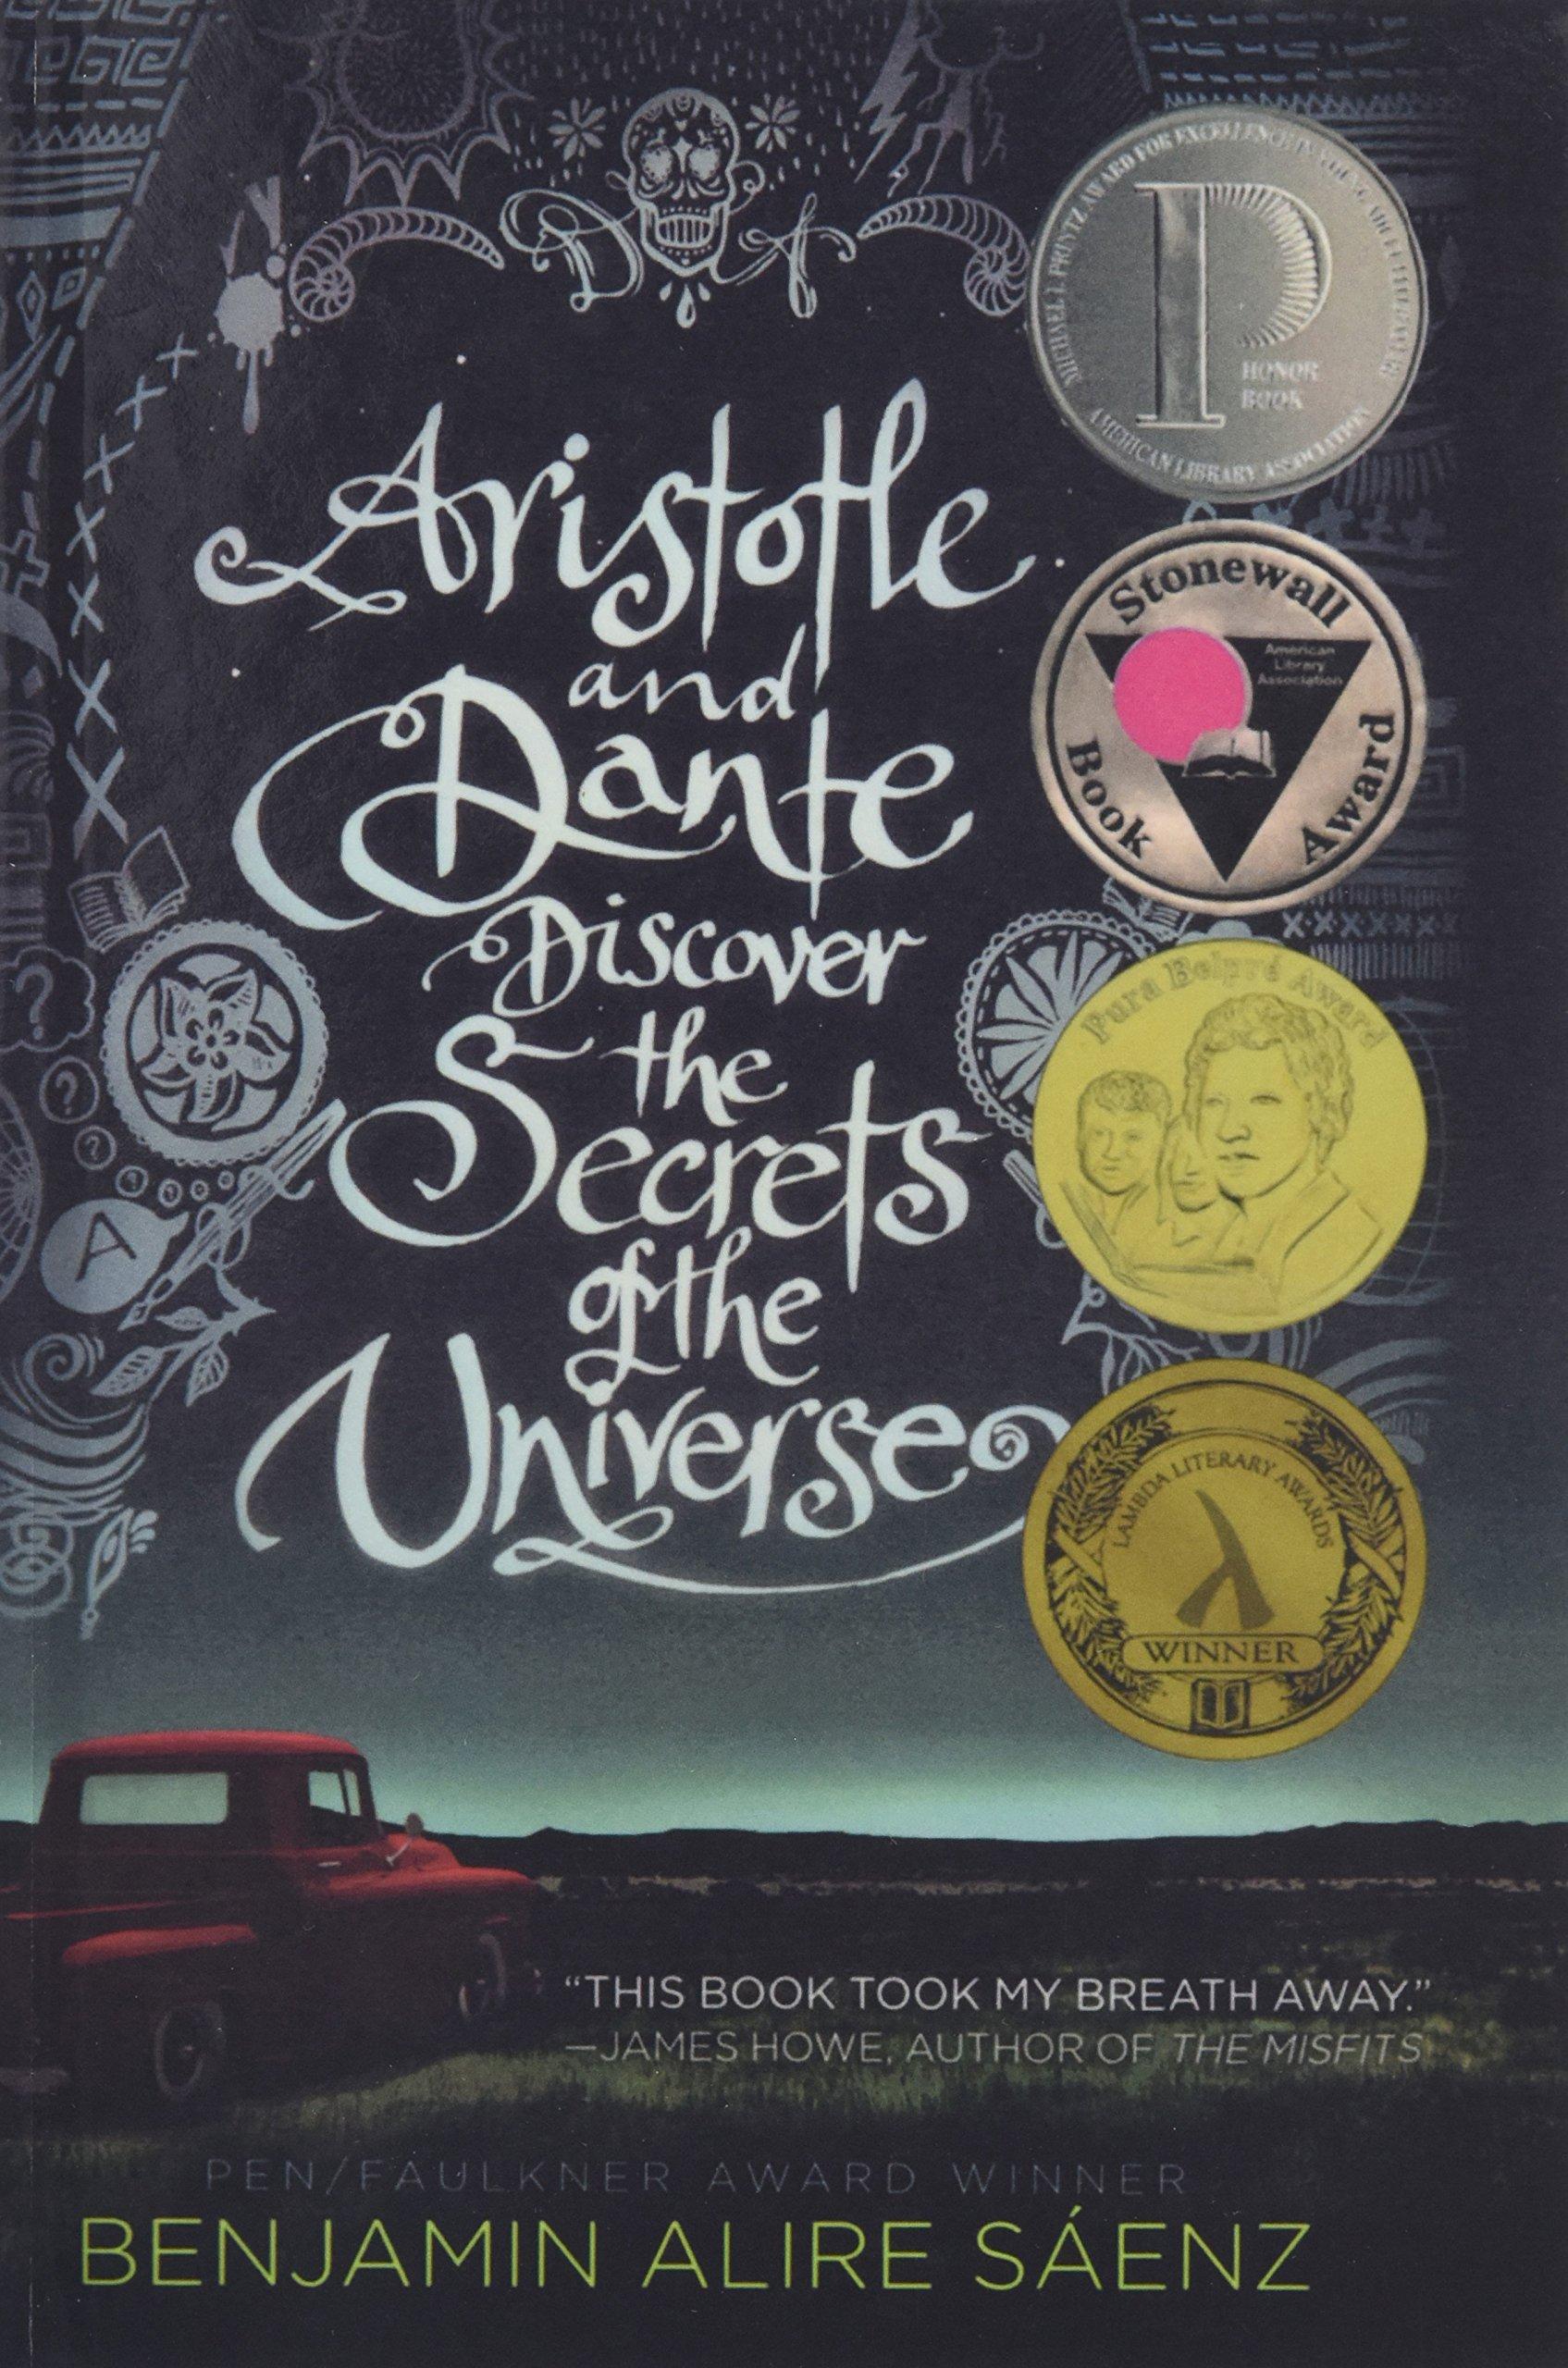 Download Aristotle and Dante Discover the Secretsof the Universe PDF